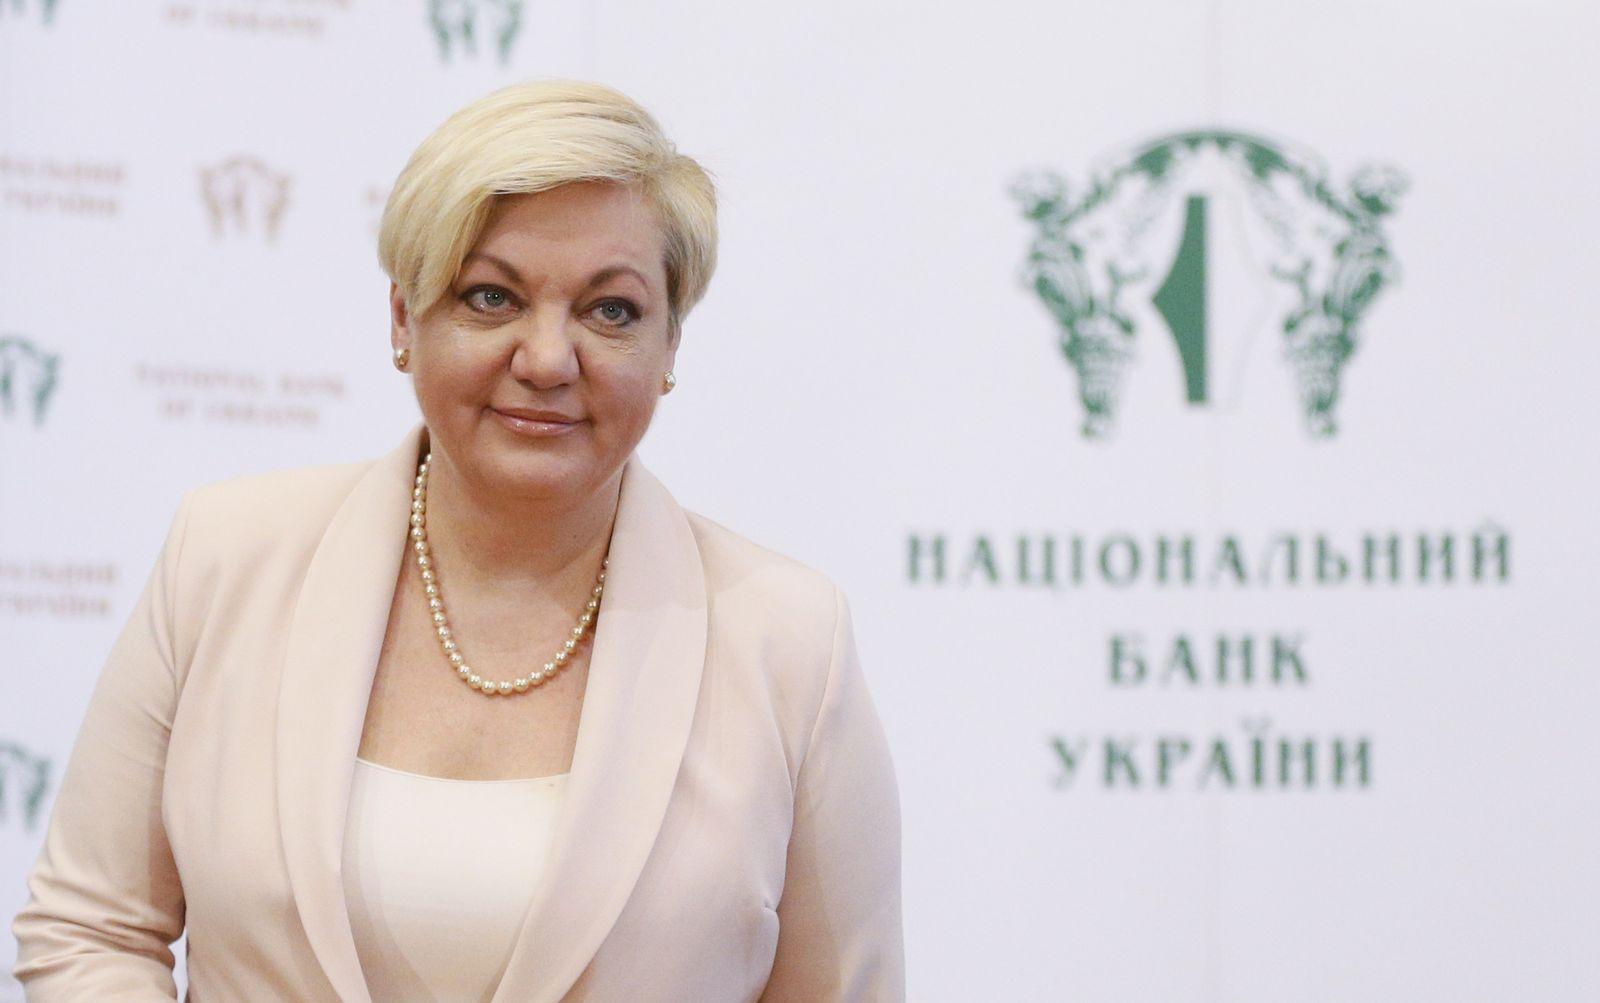 Waleria Gontarewa